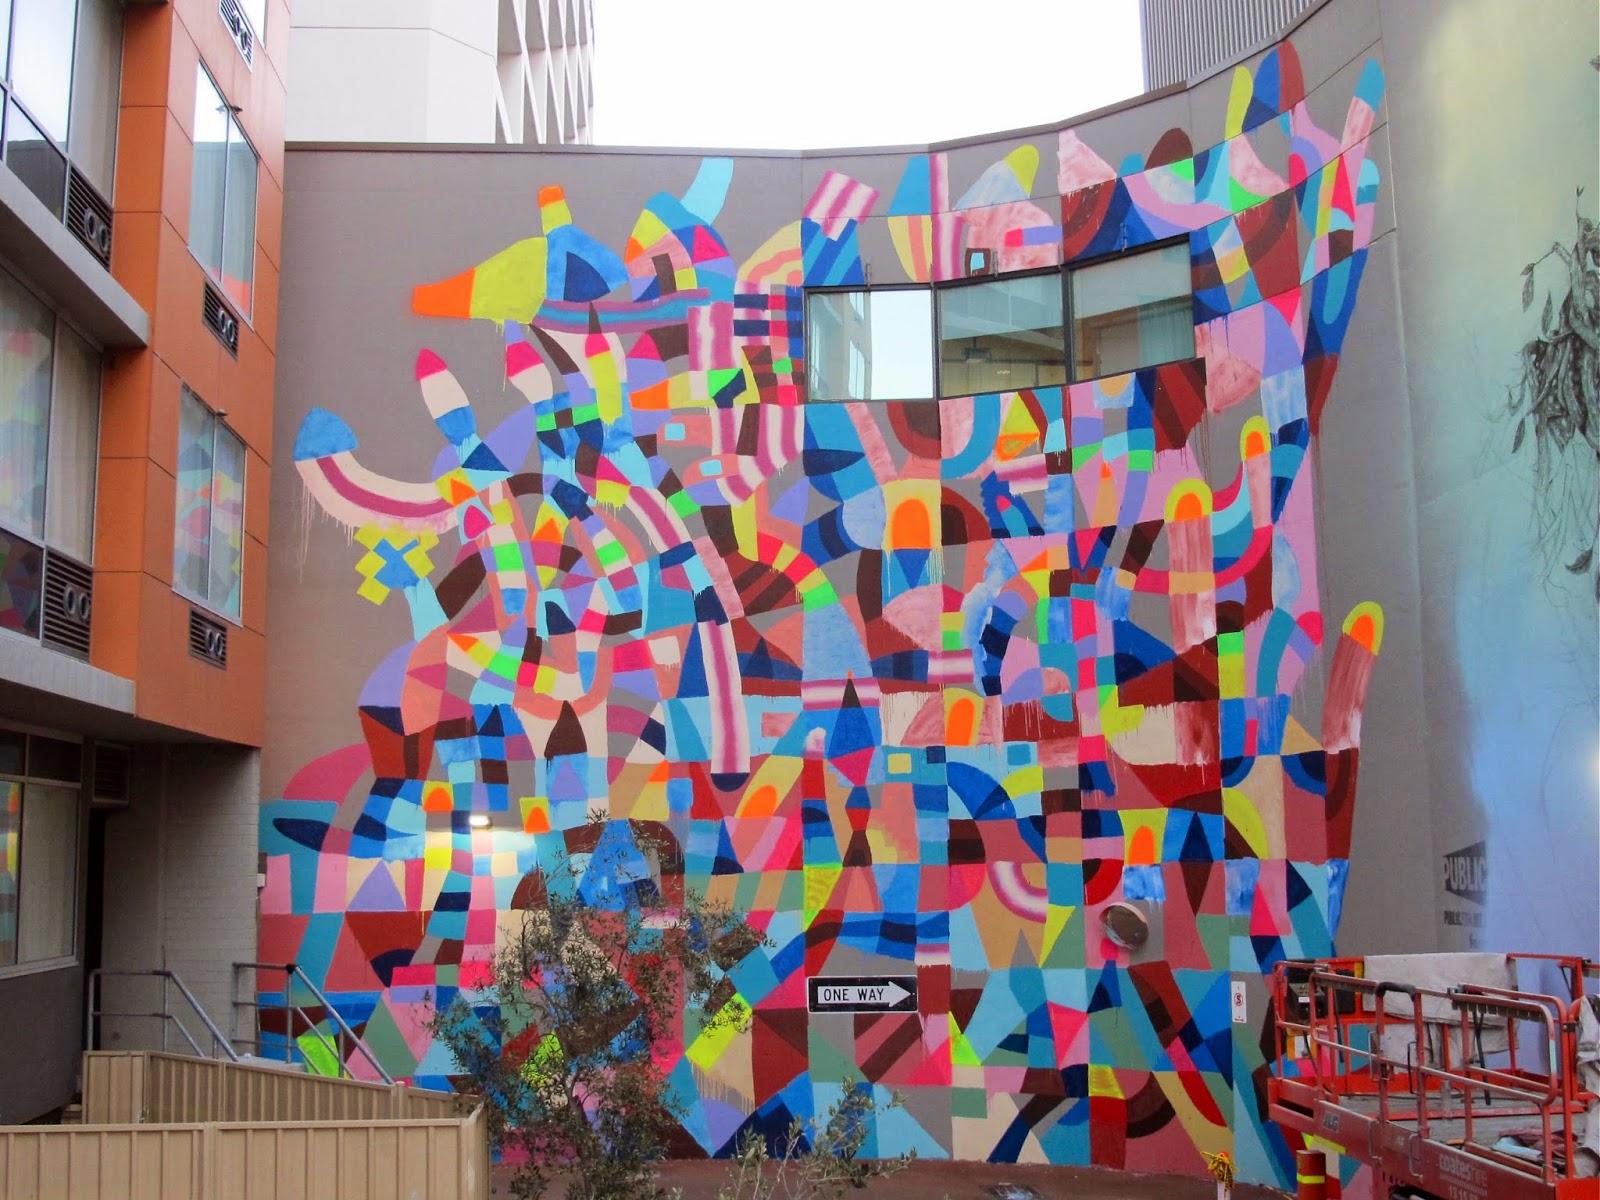 Maya hayuk new mural for public festival perth for Australian mural